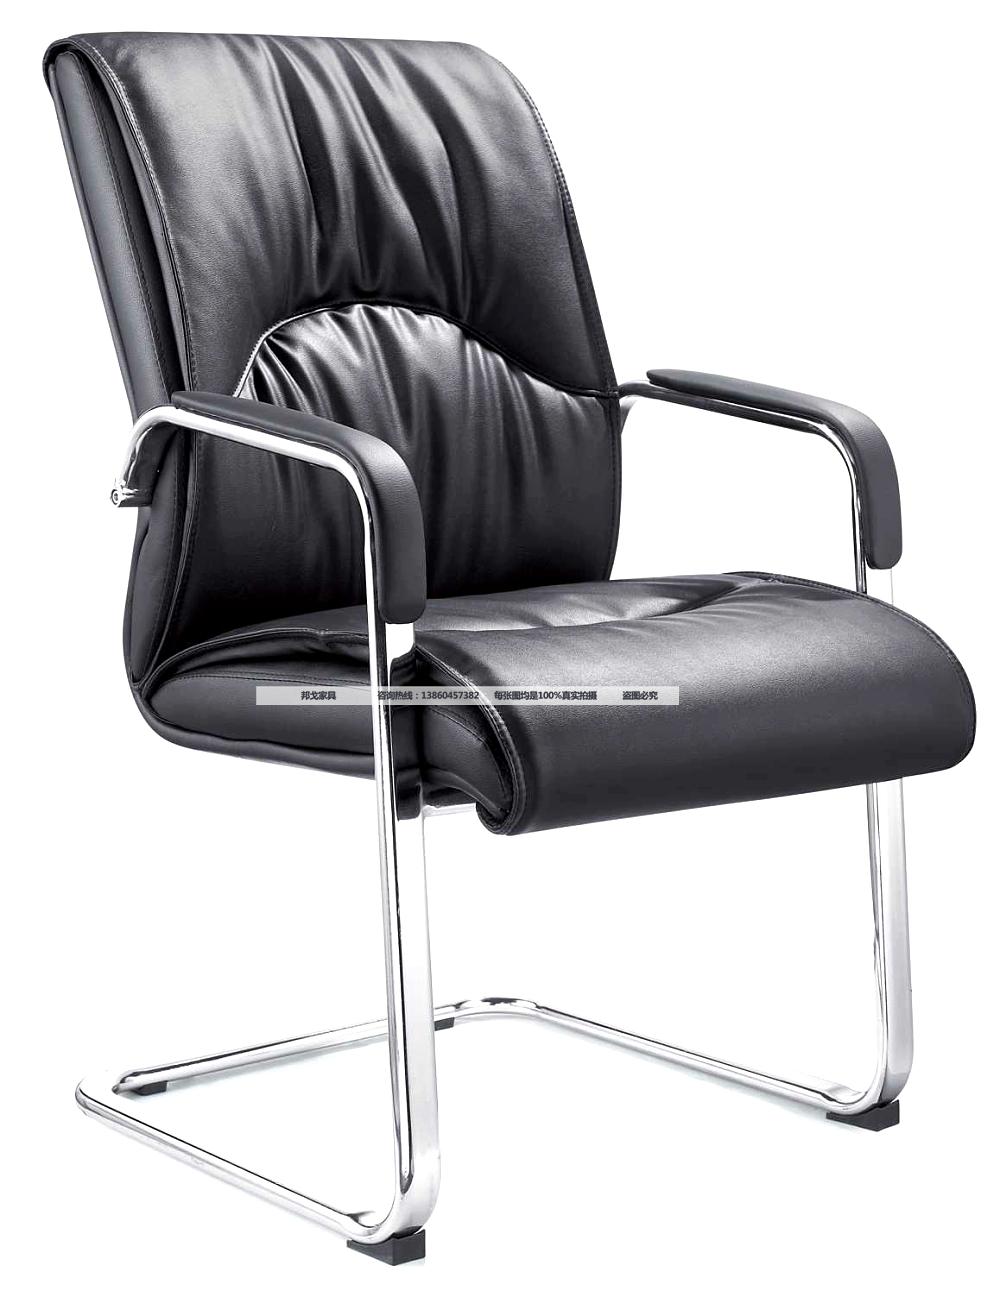 座椅系列28